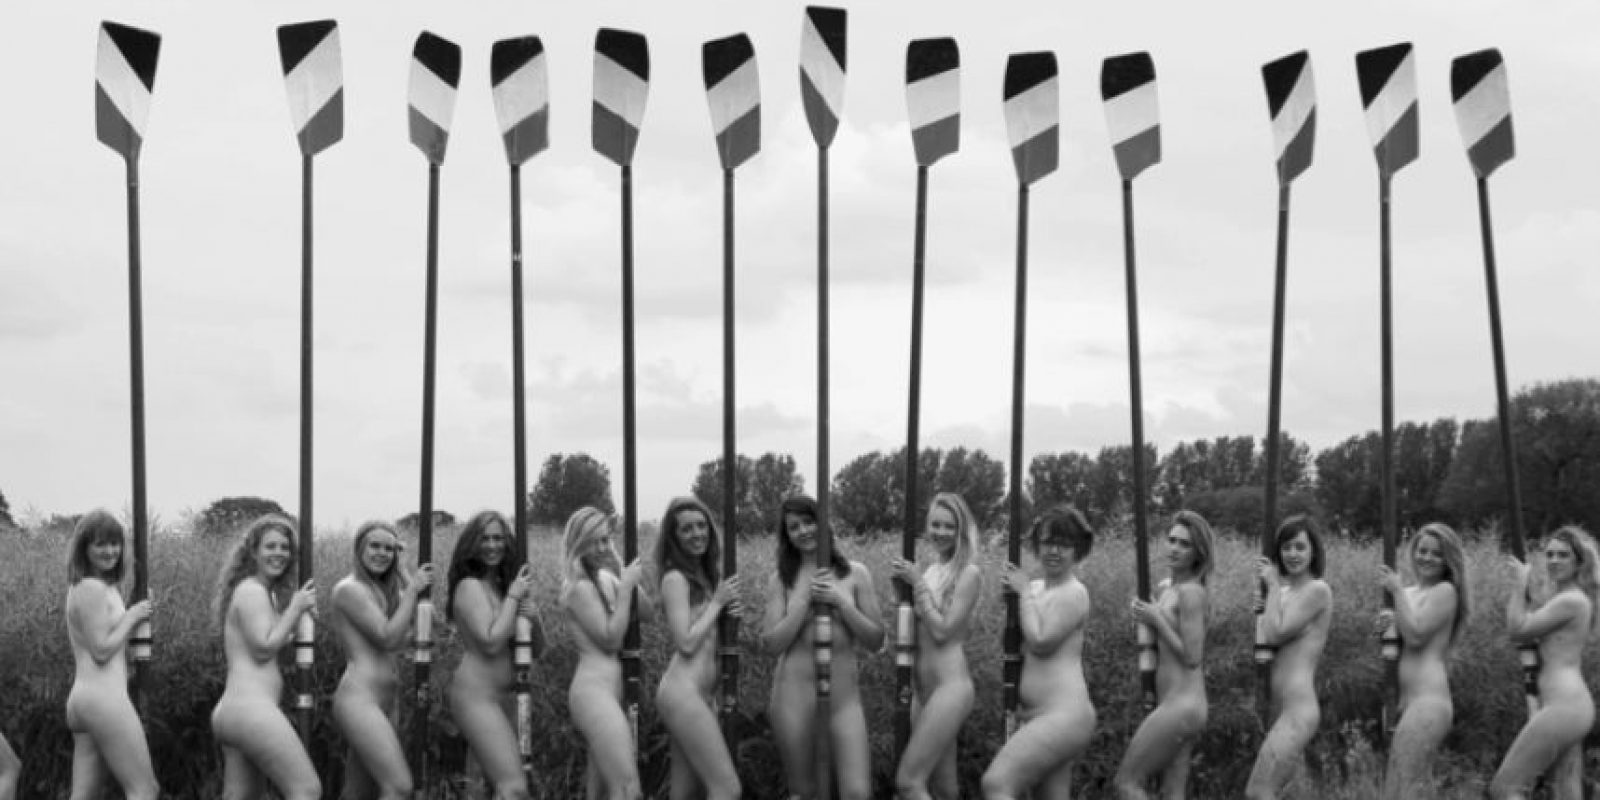 Estas son algunas de las imágenes del calendario Foto:Warwick Rowing's Women's Naked Calendar